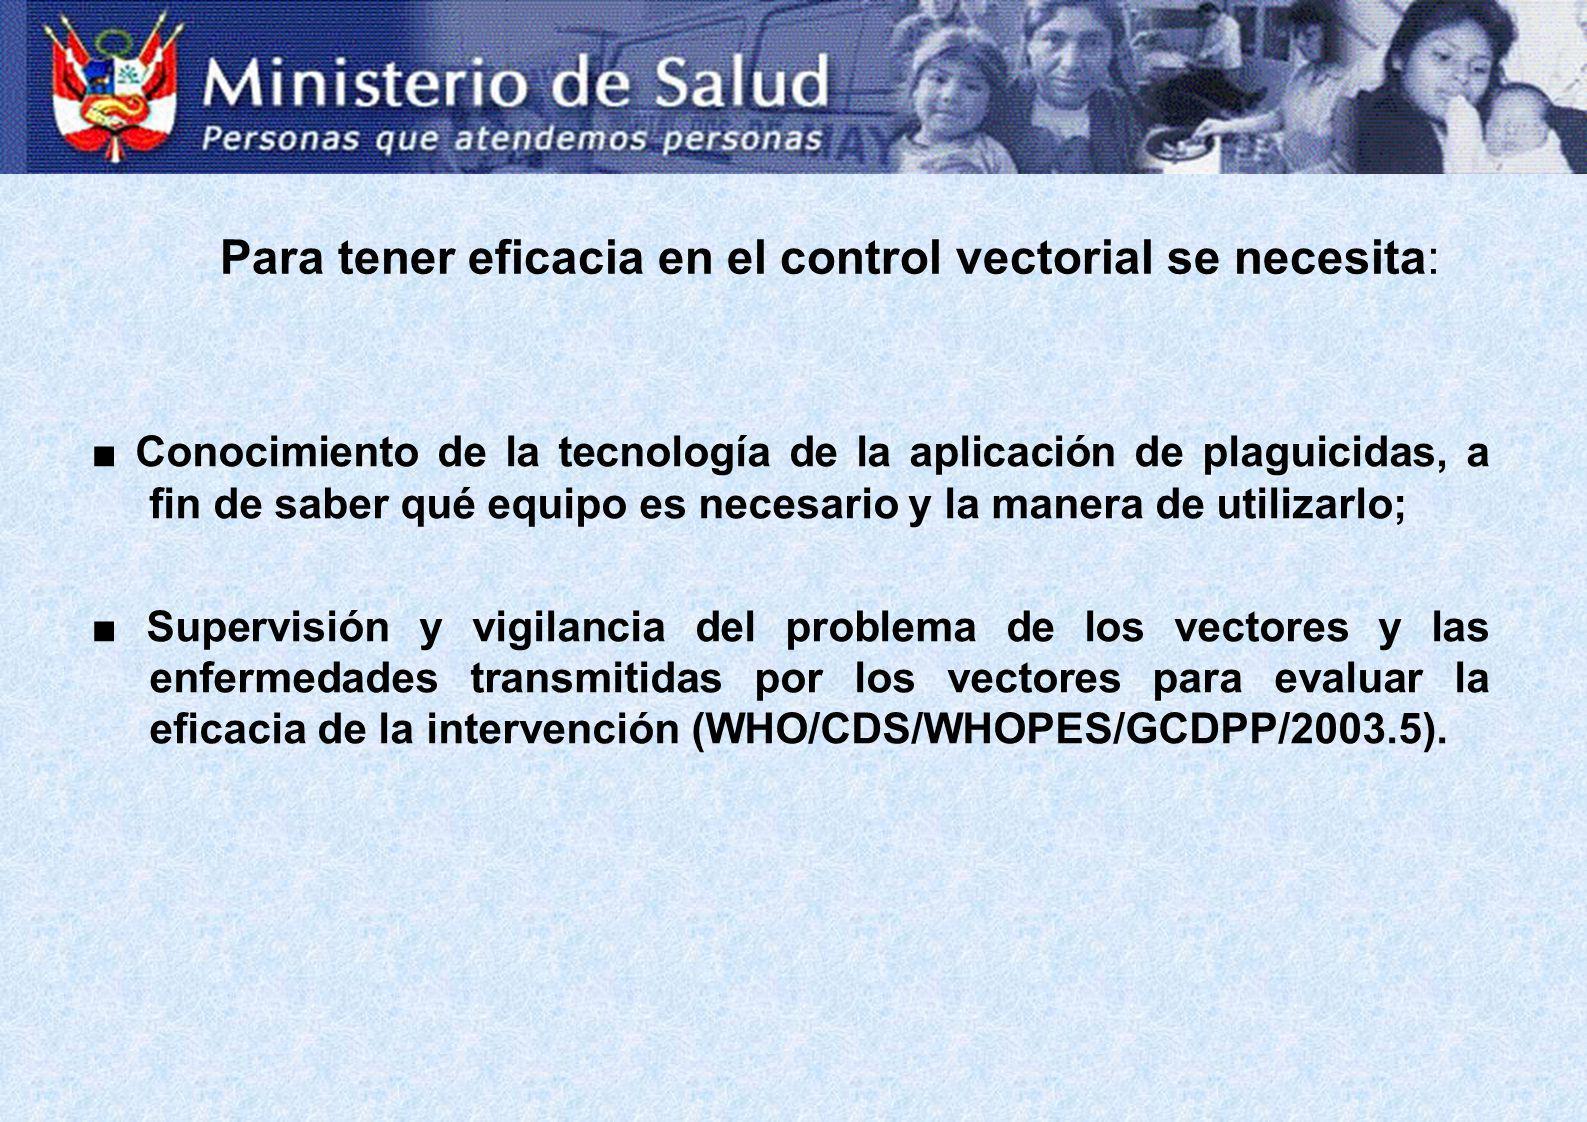 Para tener eficacia en el control vectorial se necesita: Conocimiento de la tecnología de la aplicación de plaguicidas, a fin de saber qué equipo es necesario y la manera de utilizarlo; Supervisión y vigilancia del problema de los vectores y las enfermedades transmitidas por los vectores para evaluar la eficacia de la intervención (WHO/CDS/WHOPES/GCDPP/2003.5).